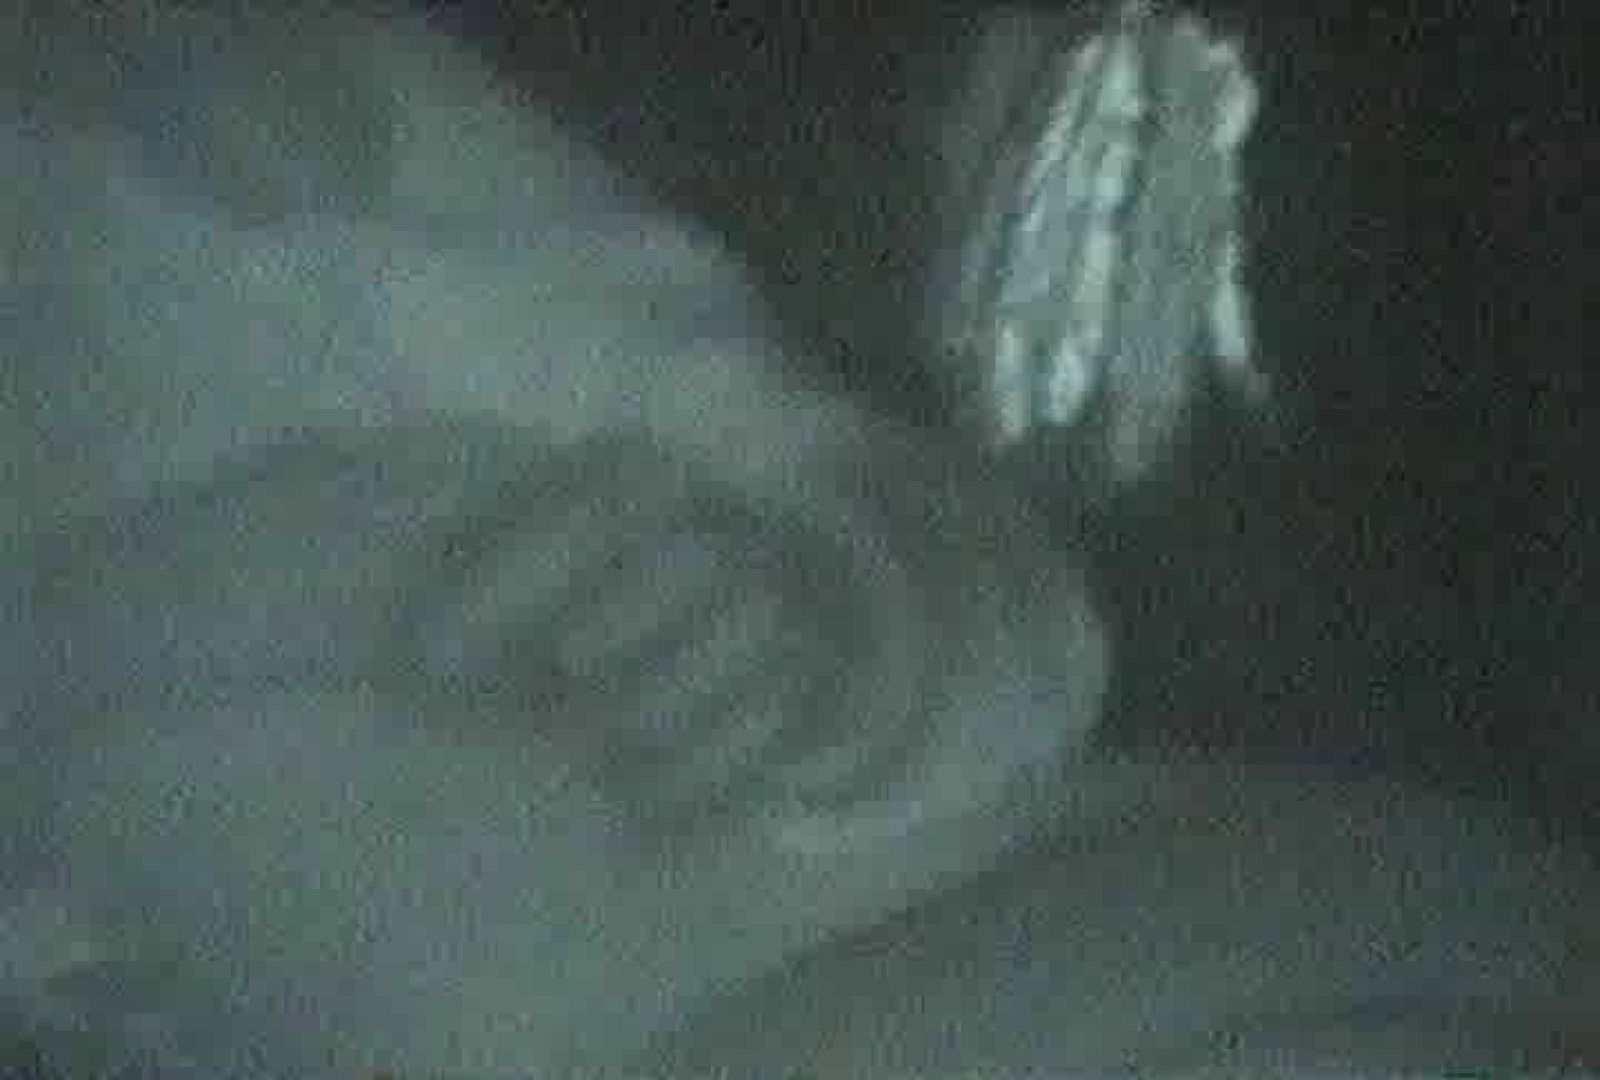 充血監督の深夜の運動会Vol.54 フェラ最高 エロ画像 98画像 71